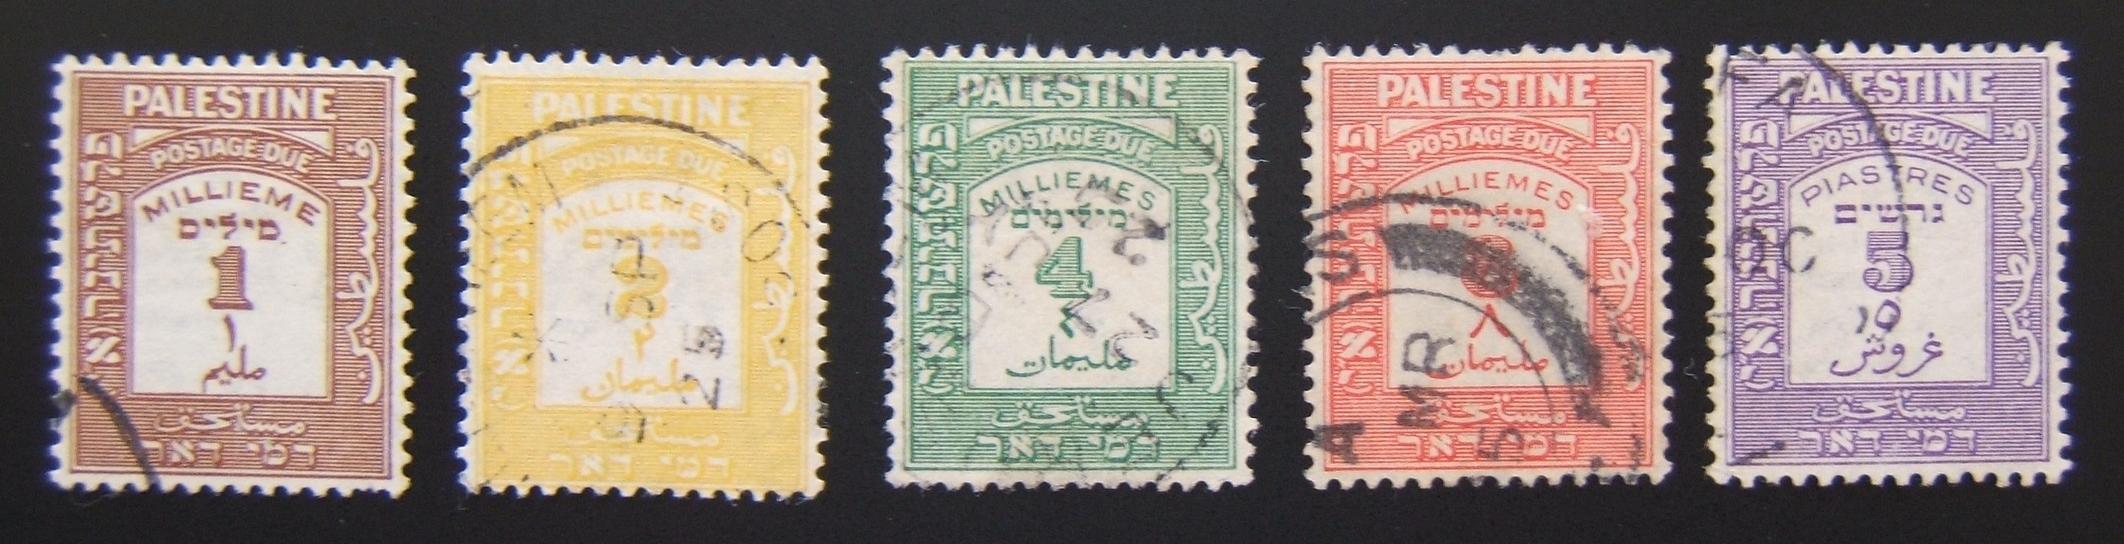 Menge x5 Strafporto II verwendet: 1m, 2m (Postmarke H28), 4m, 8m und 5 Piaster